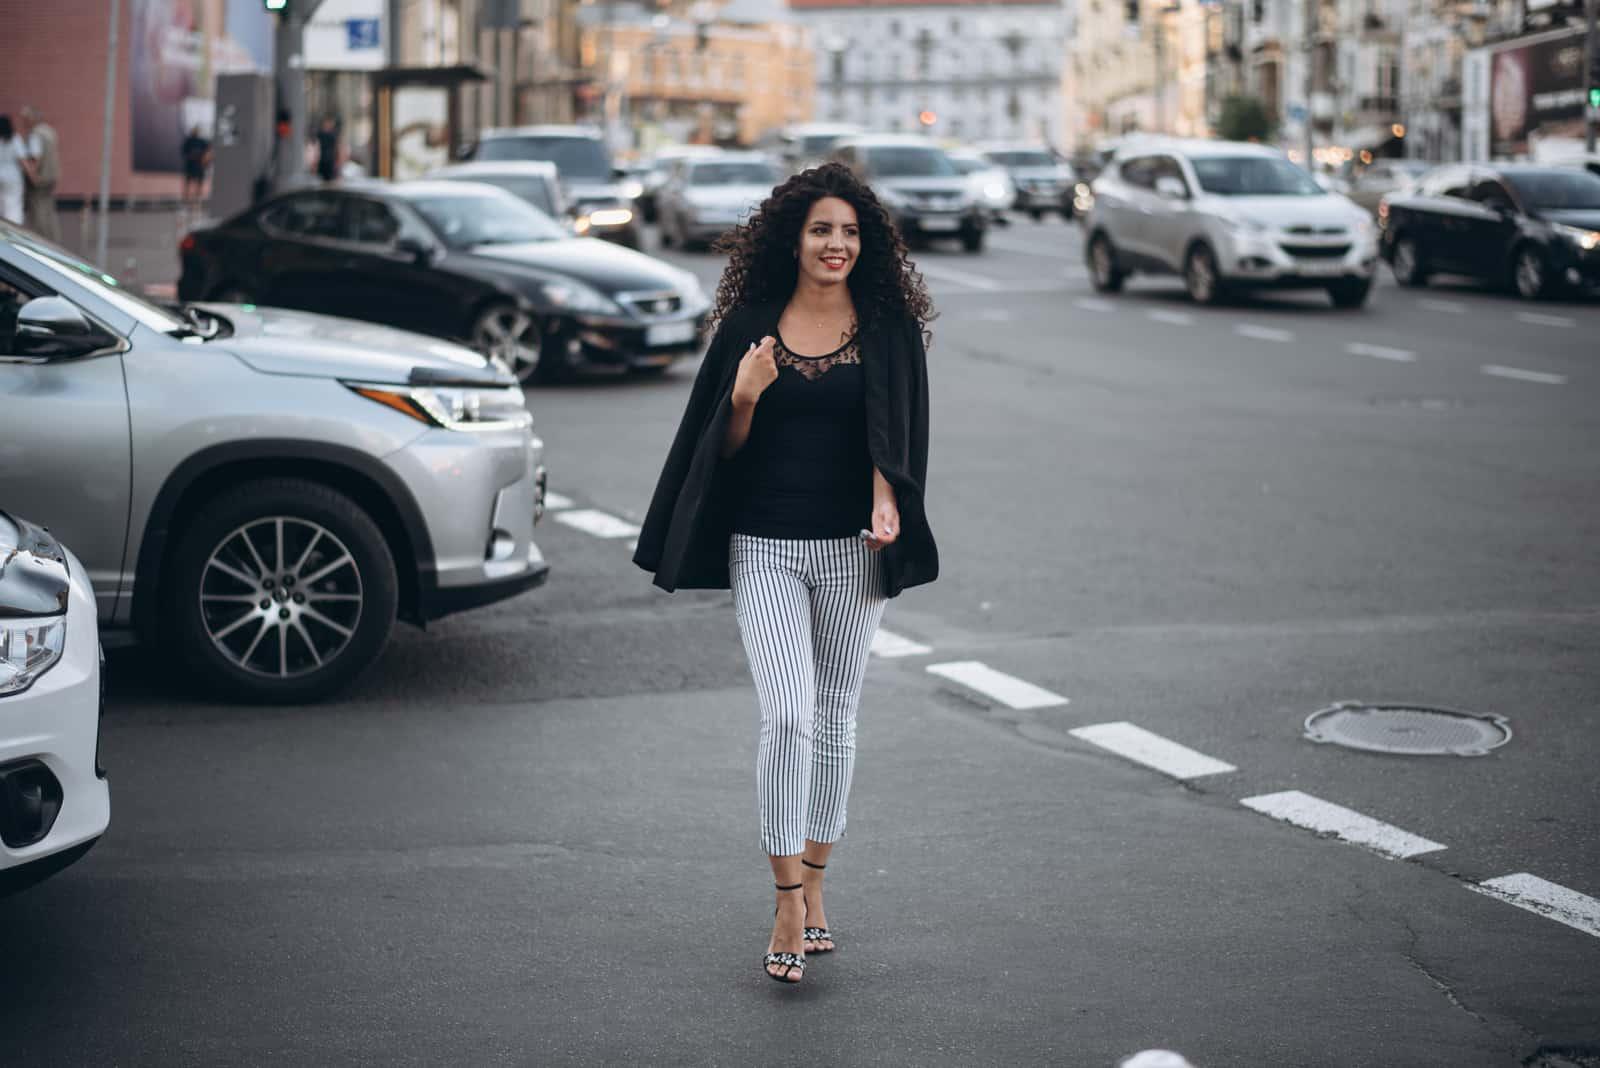 une femme aux cheveux crépus marche dans la rue